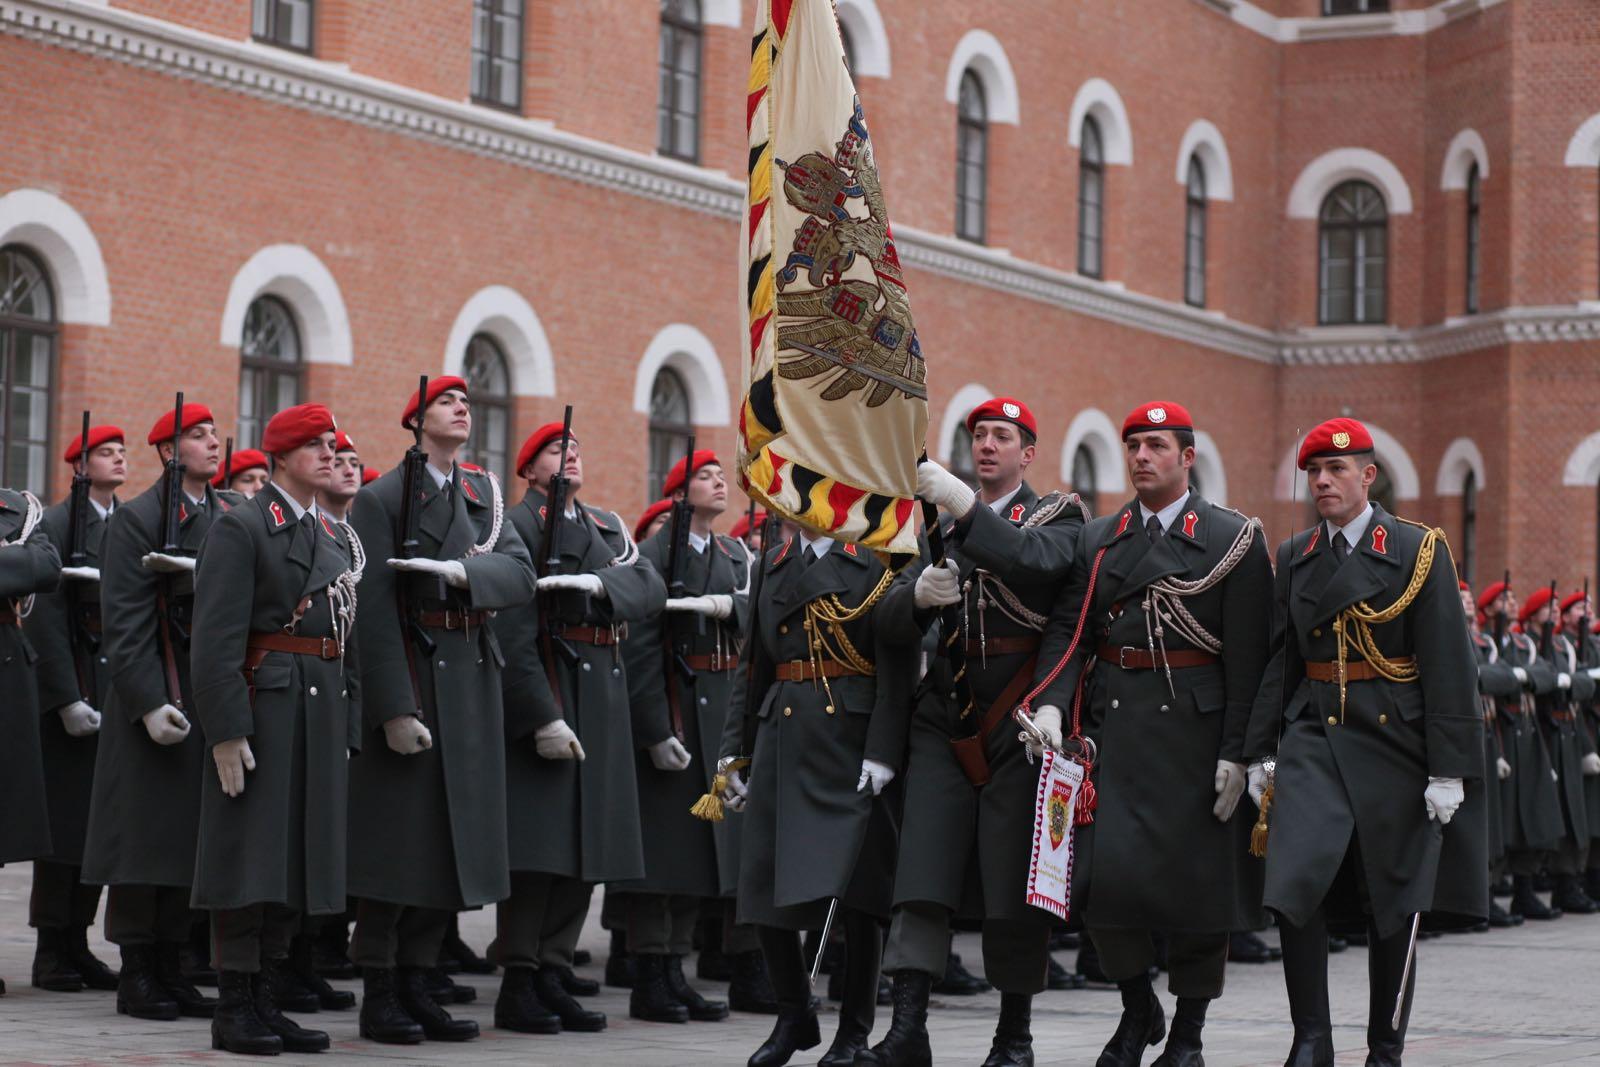 2019_01_18_1Gardekompanie_Treffen_Verteidigungsminister_DE_CHE_AUT_Rosau - 6 of 39